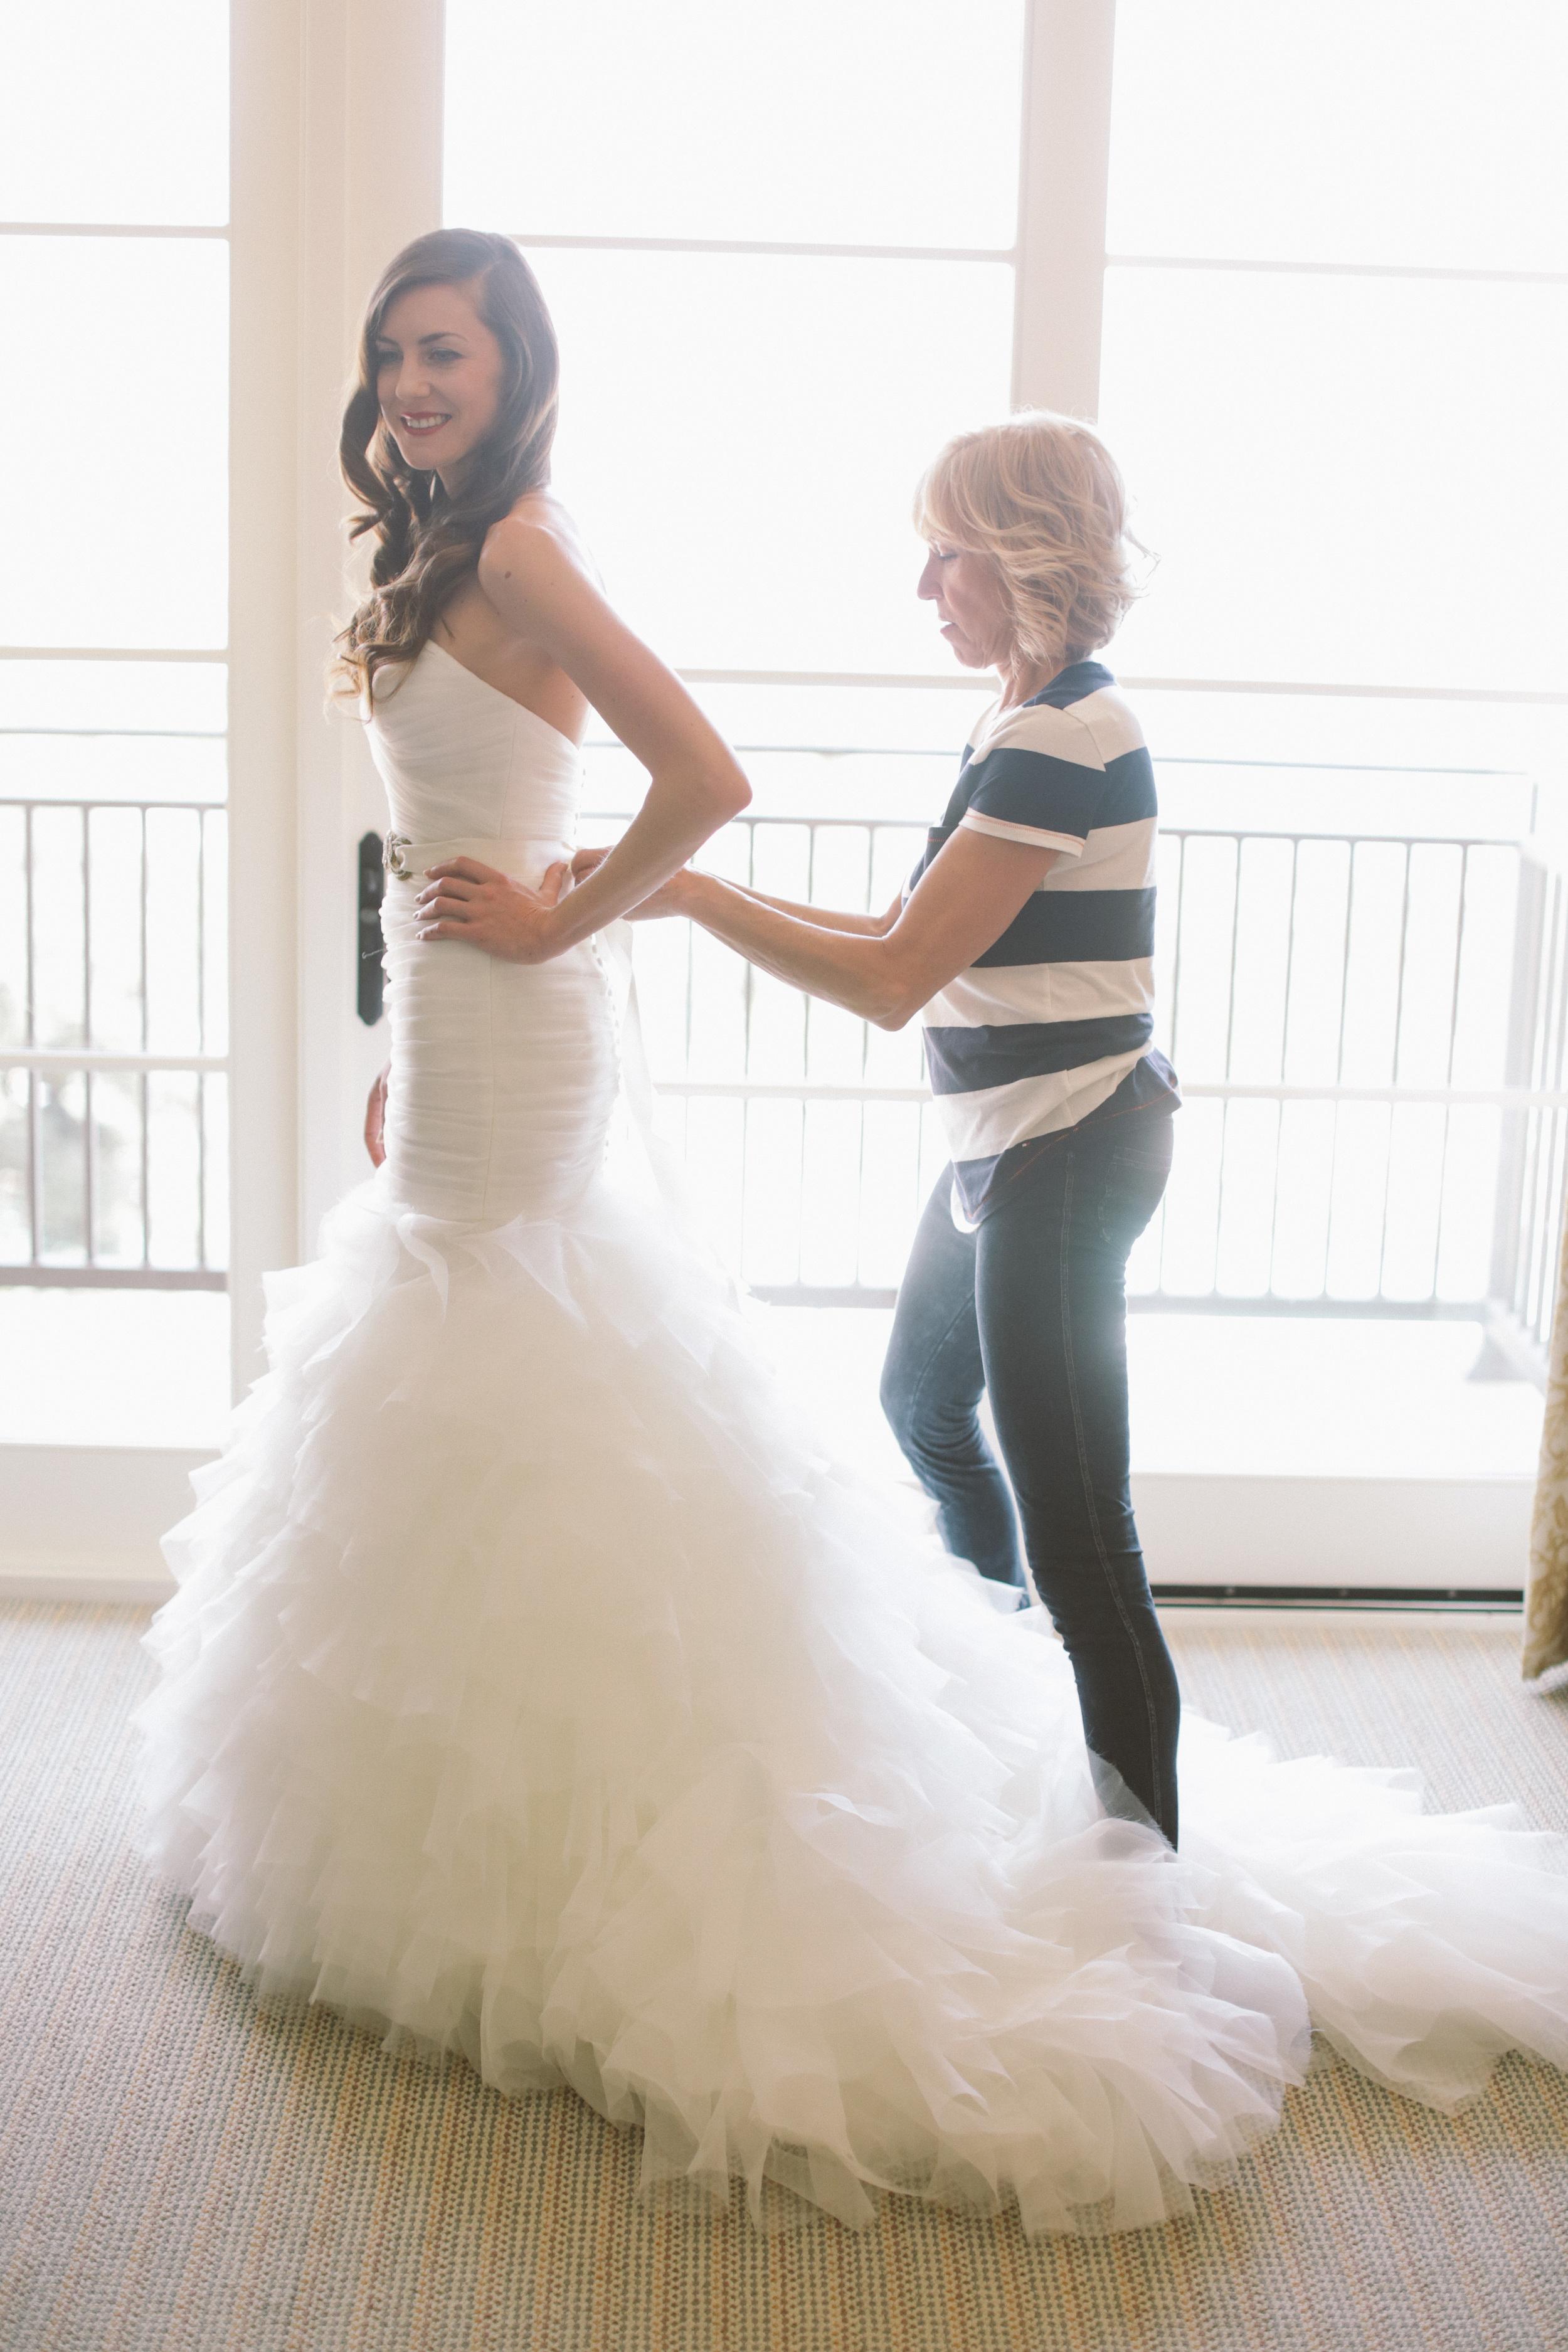 004 bride getting ready 3.jpg